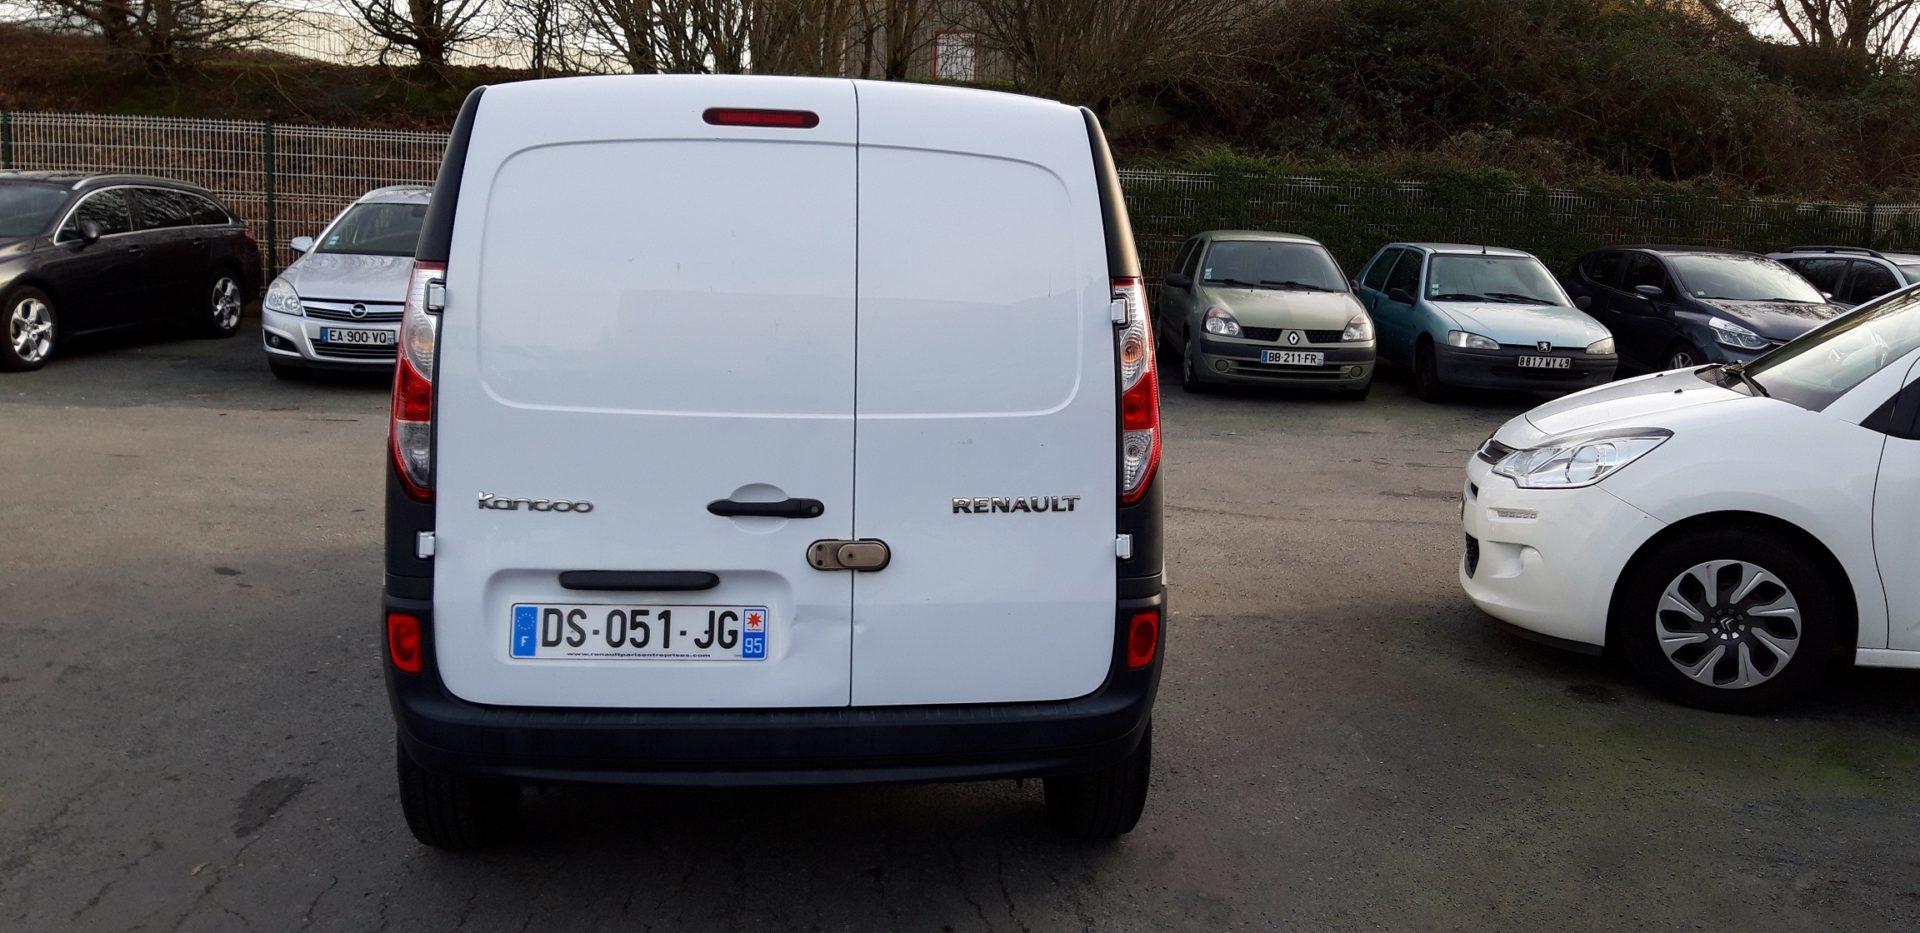 Garage Jallier Tharreau Garage Automobile Cholet Location Vehicule 9 Places 20200111 154339 1502